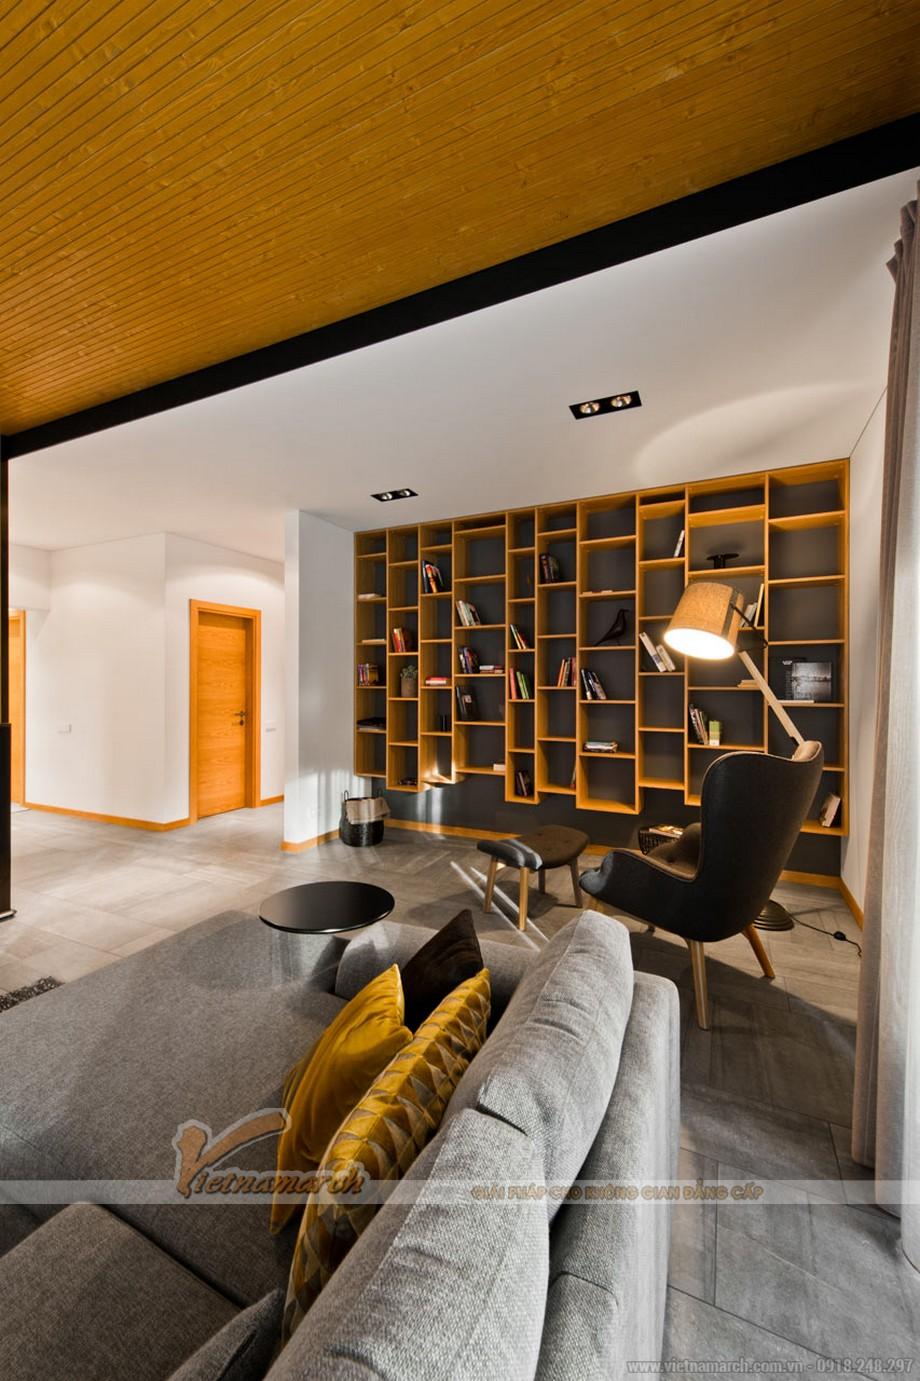 """Kiến trúc và nội thất sắp xếp hài hòa """" chuẩn không cần chỉnh"""" để toát lên vẻ đẹp sang chảnh của căn phòng"""